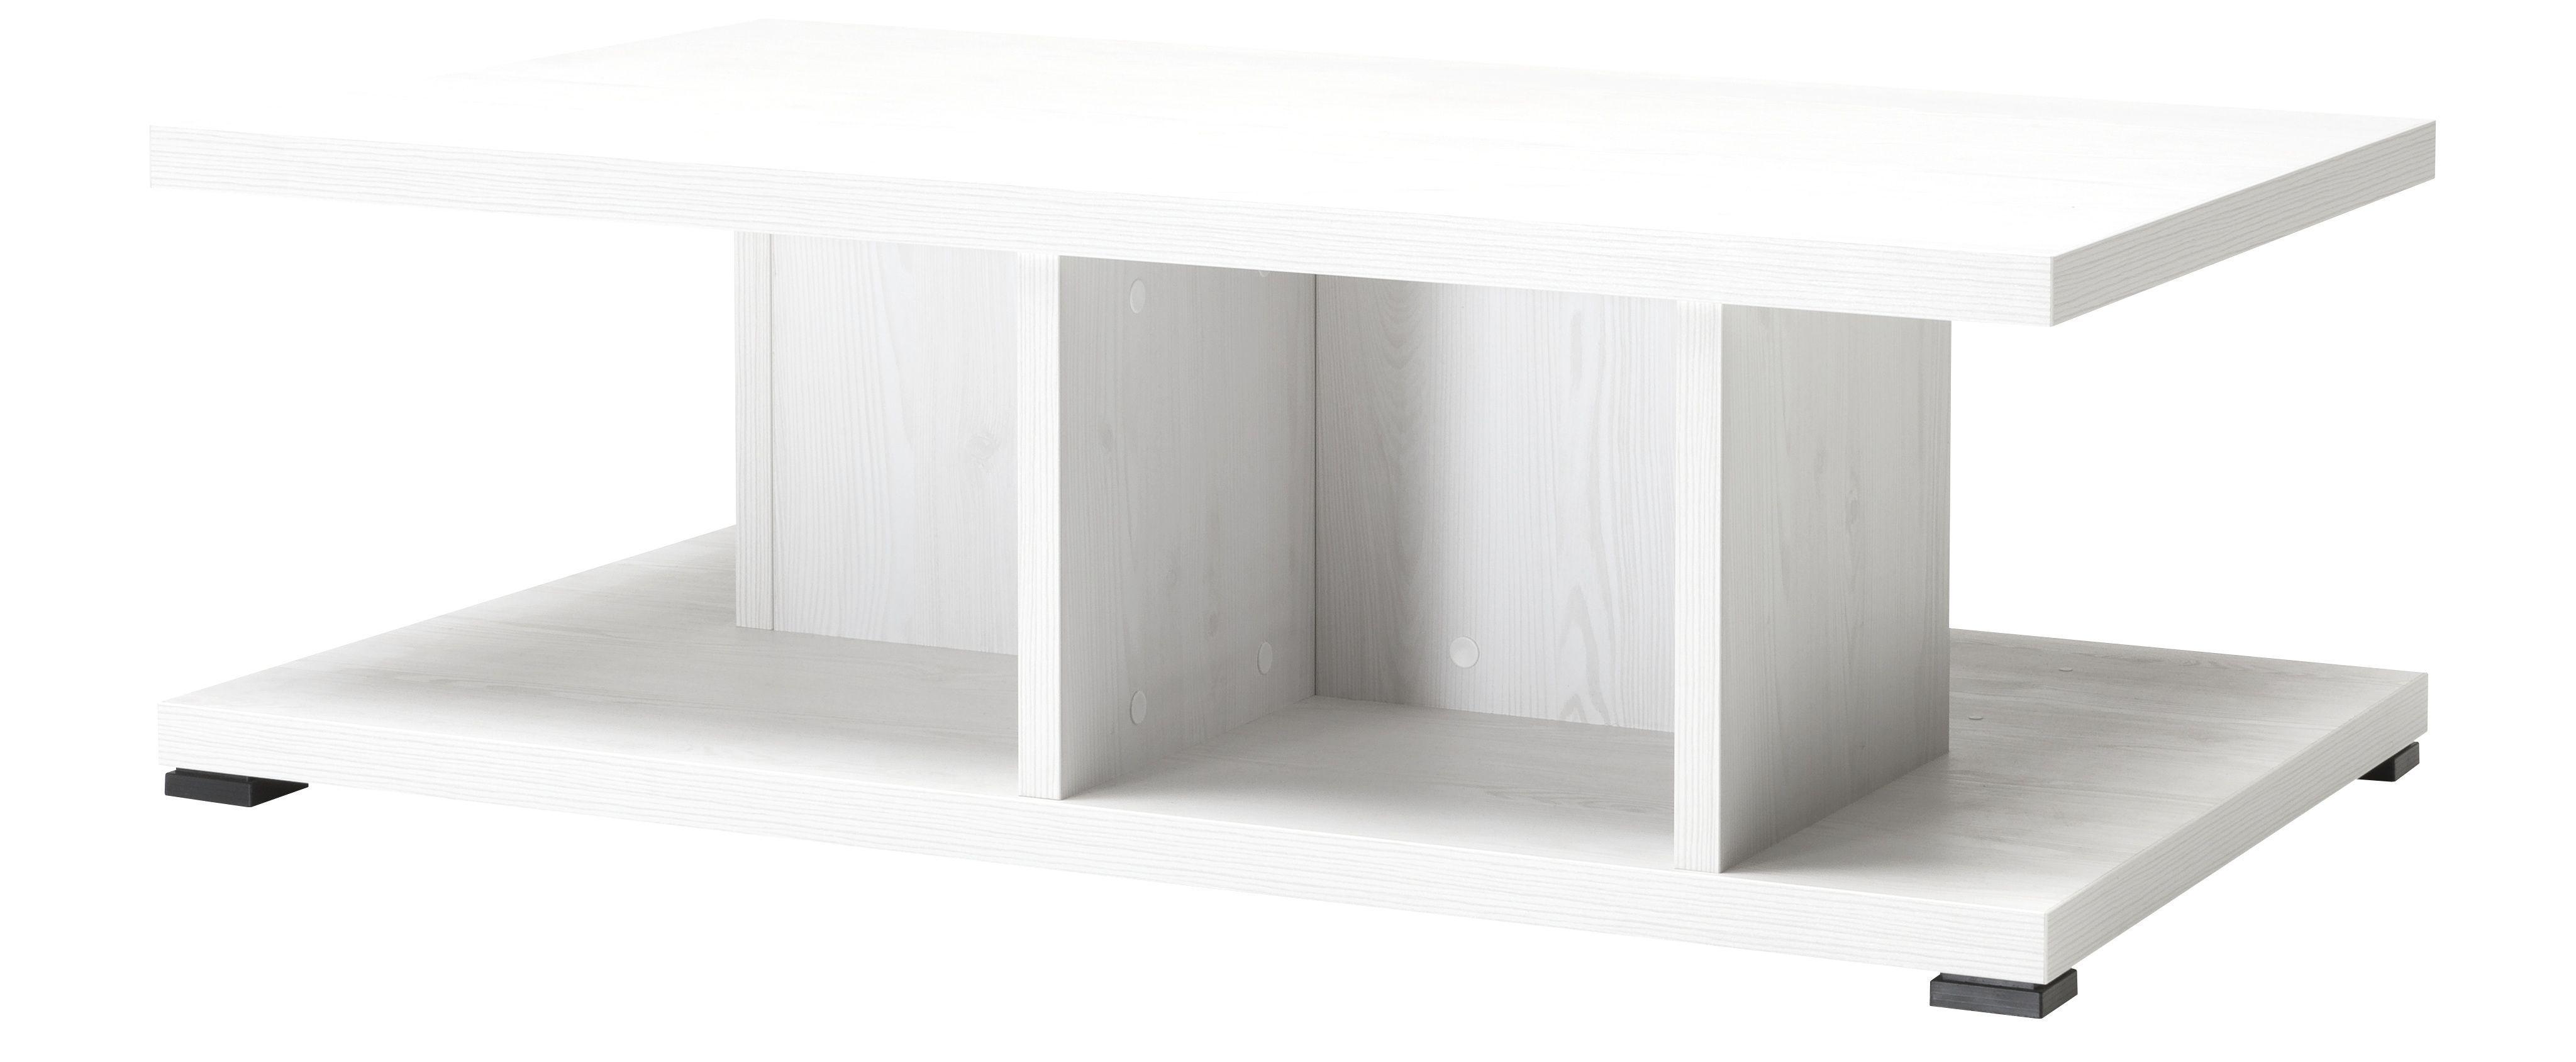 Couchtische modern gallery of moderne dekoration genial for Glas couchtische modern